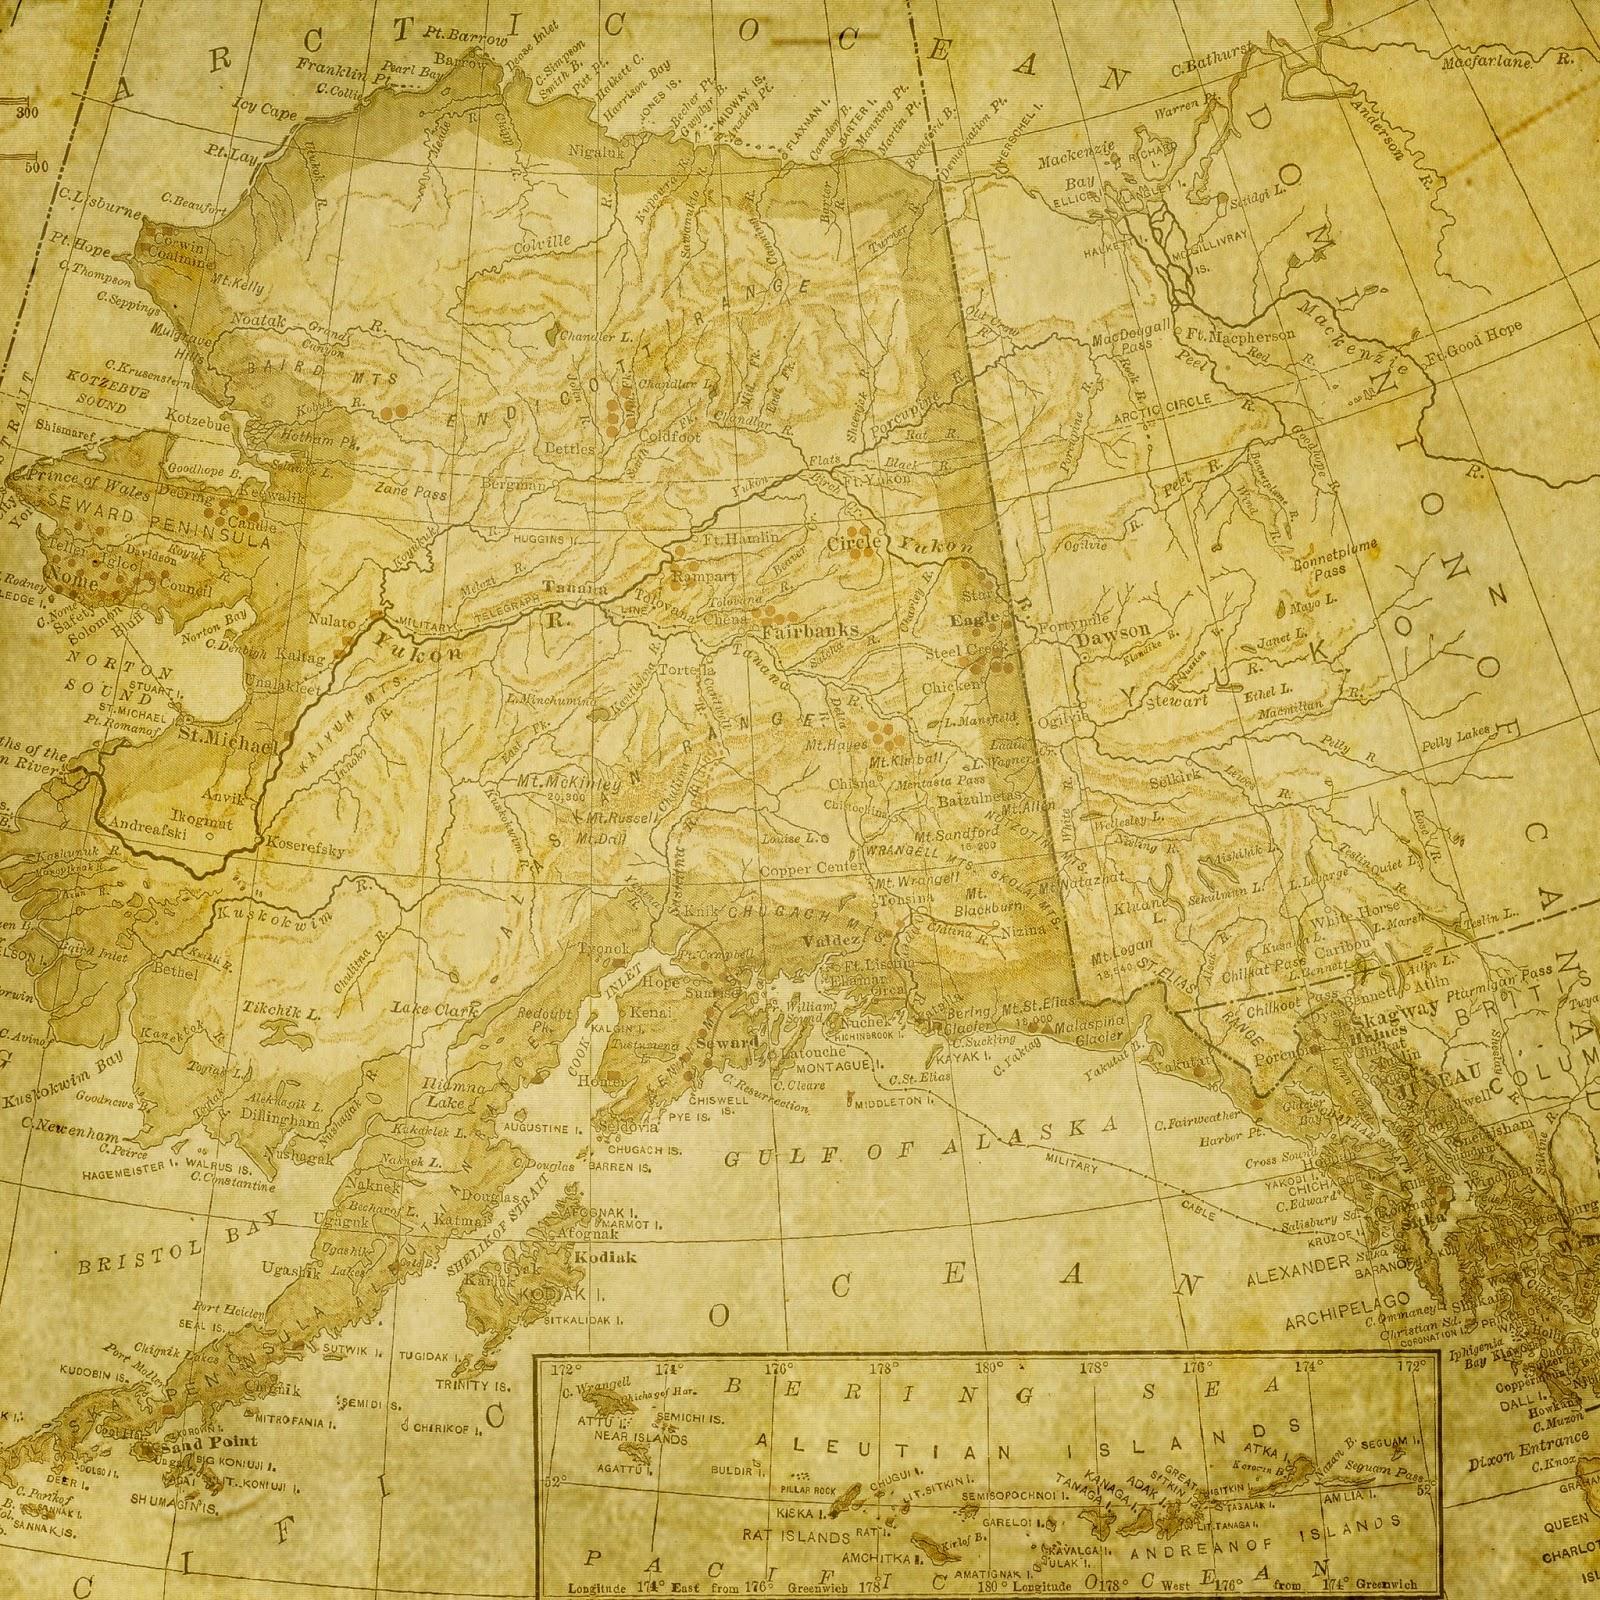 Scrapbook paper designs - Scrapbook Paper Designs Vintage Free Digital Scrapbooking Paper Vintage Distressed Map Designs